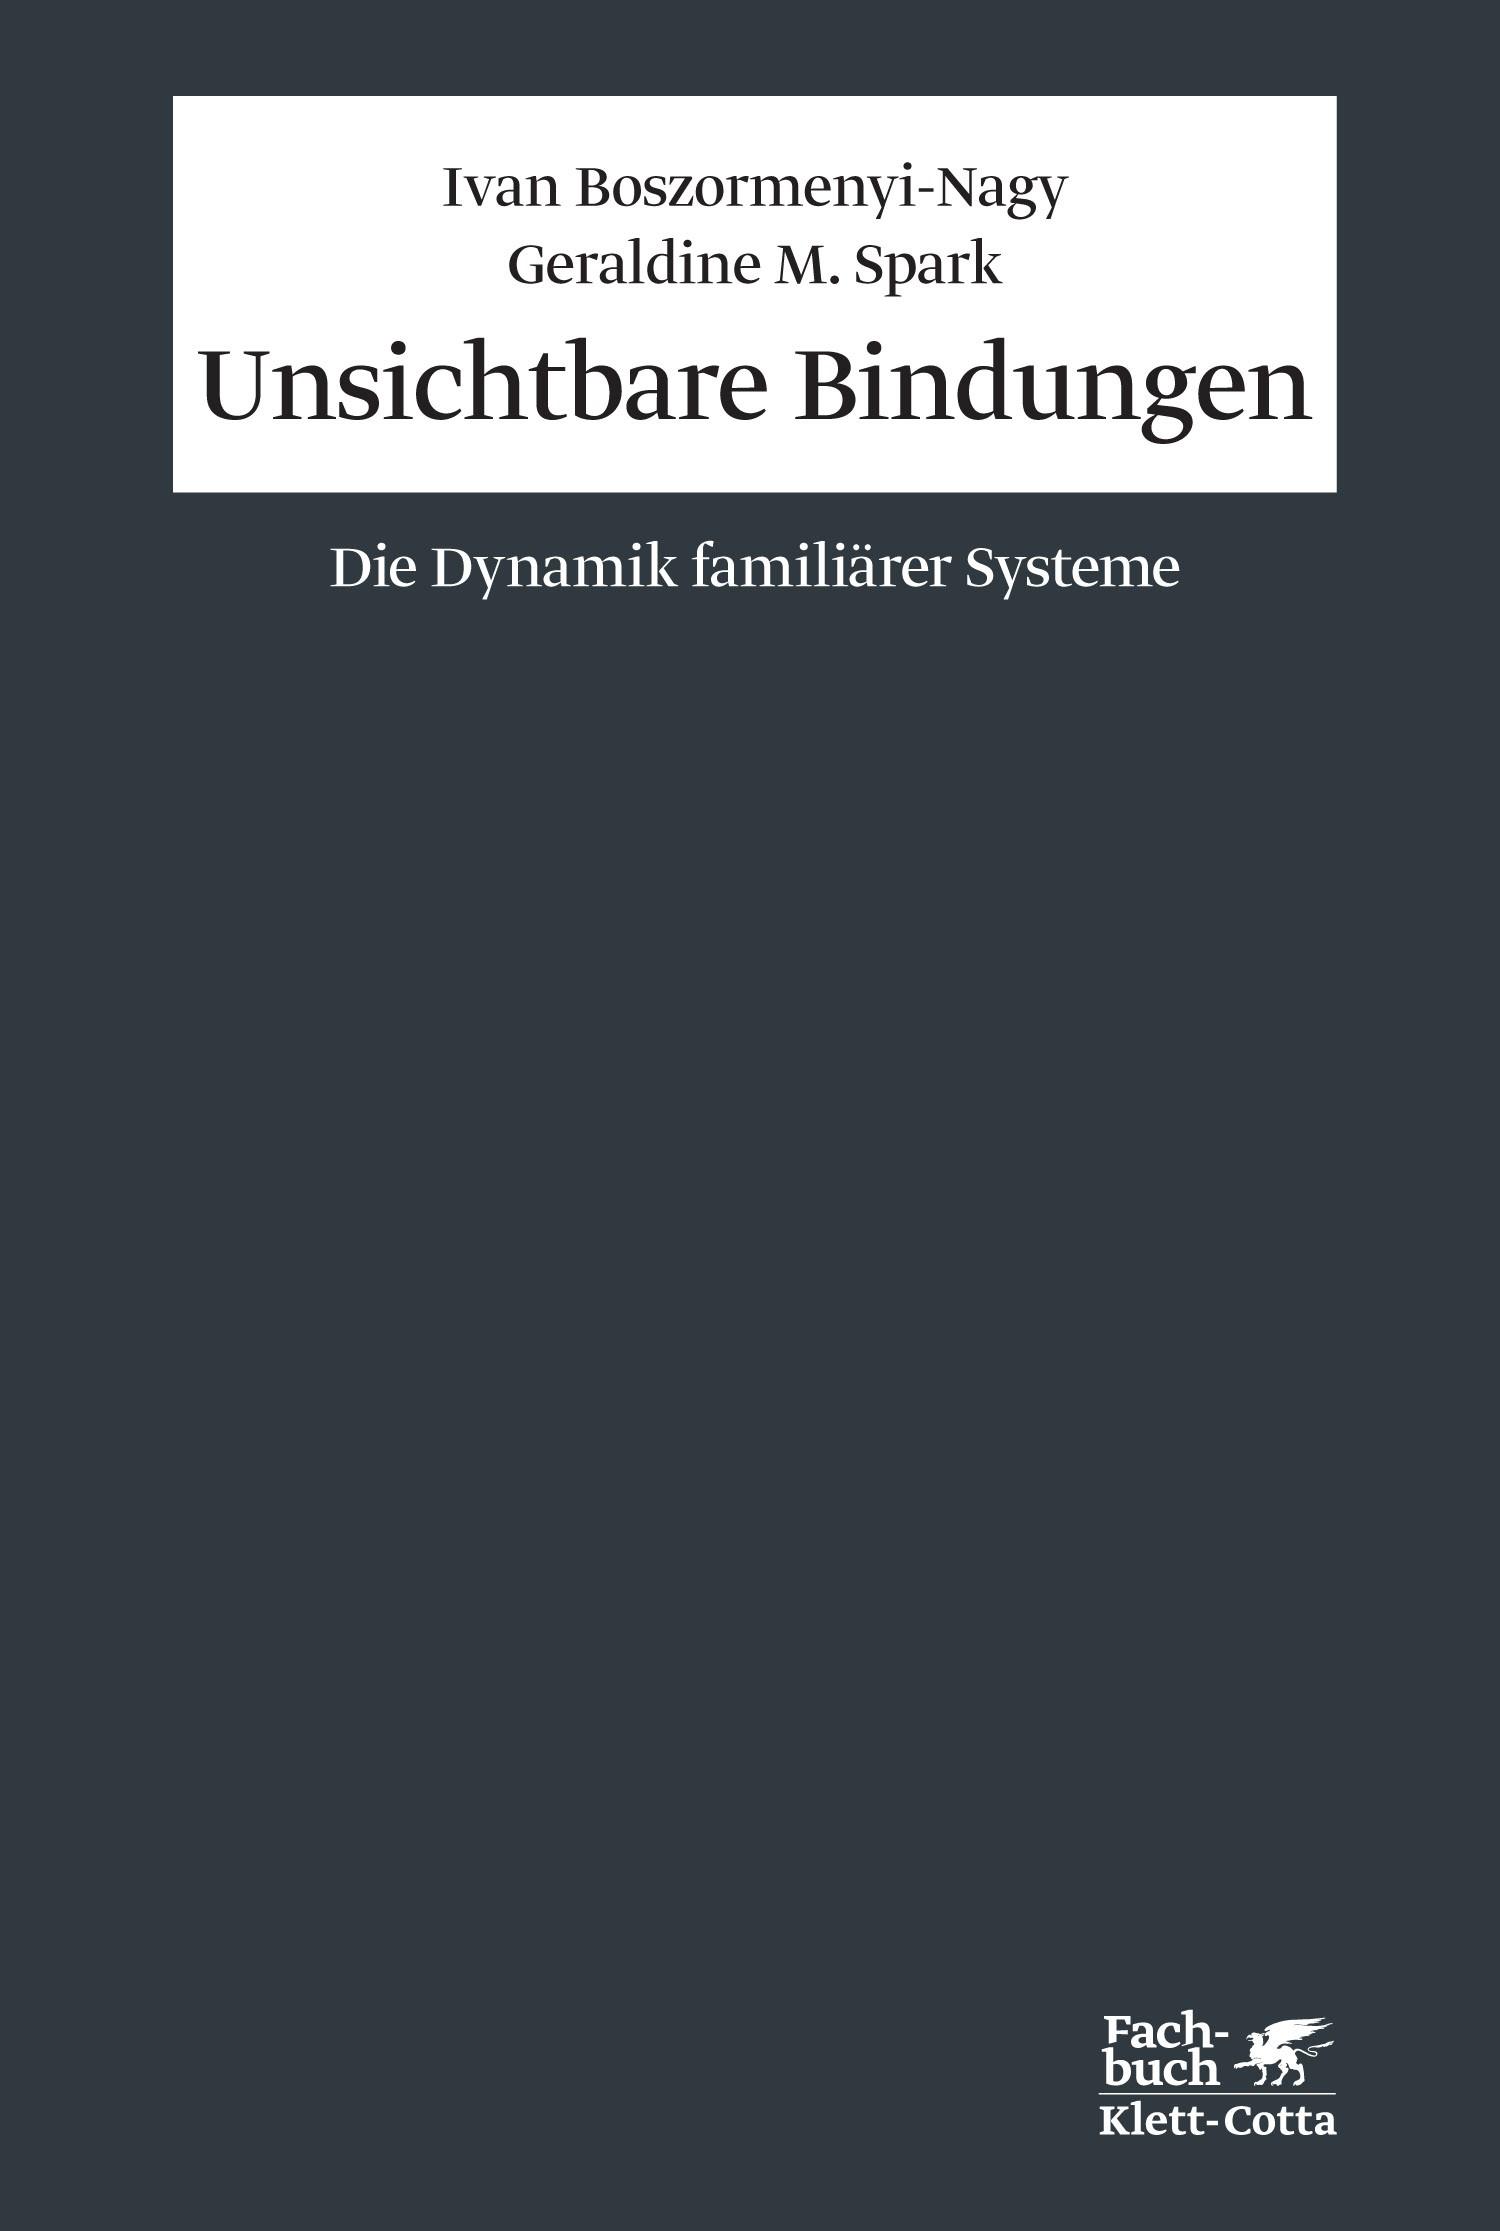 Unsichtbare Bindungen | Boszormenyi-Nagy / Spark | 10. Aufl., 2015 | Buch (Cover)